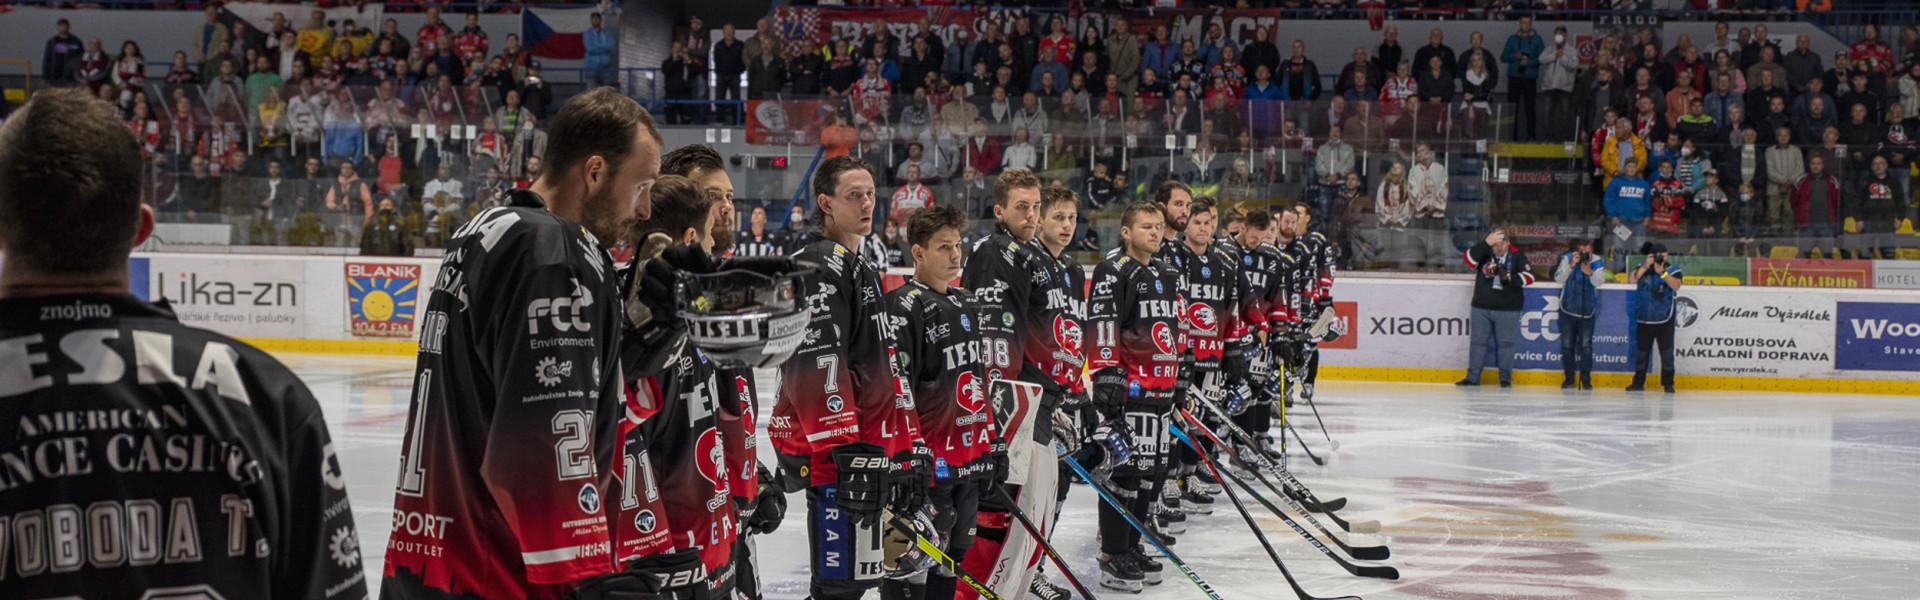 Orli Znojmos Mannschaft bei der Heimpremiere 2021